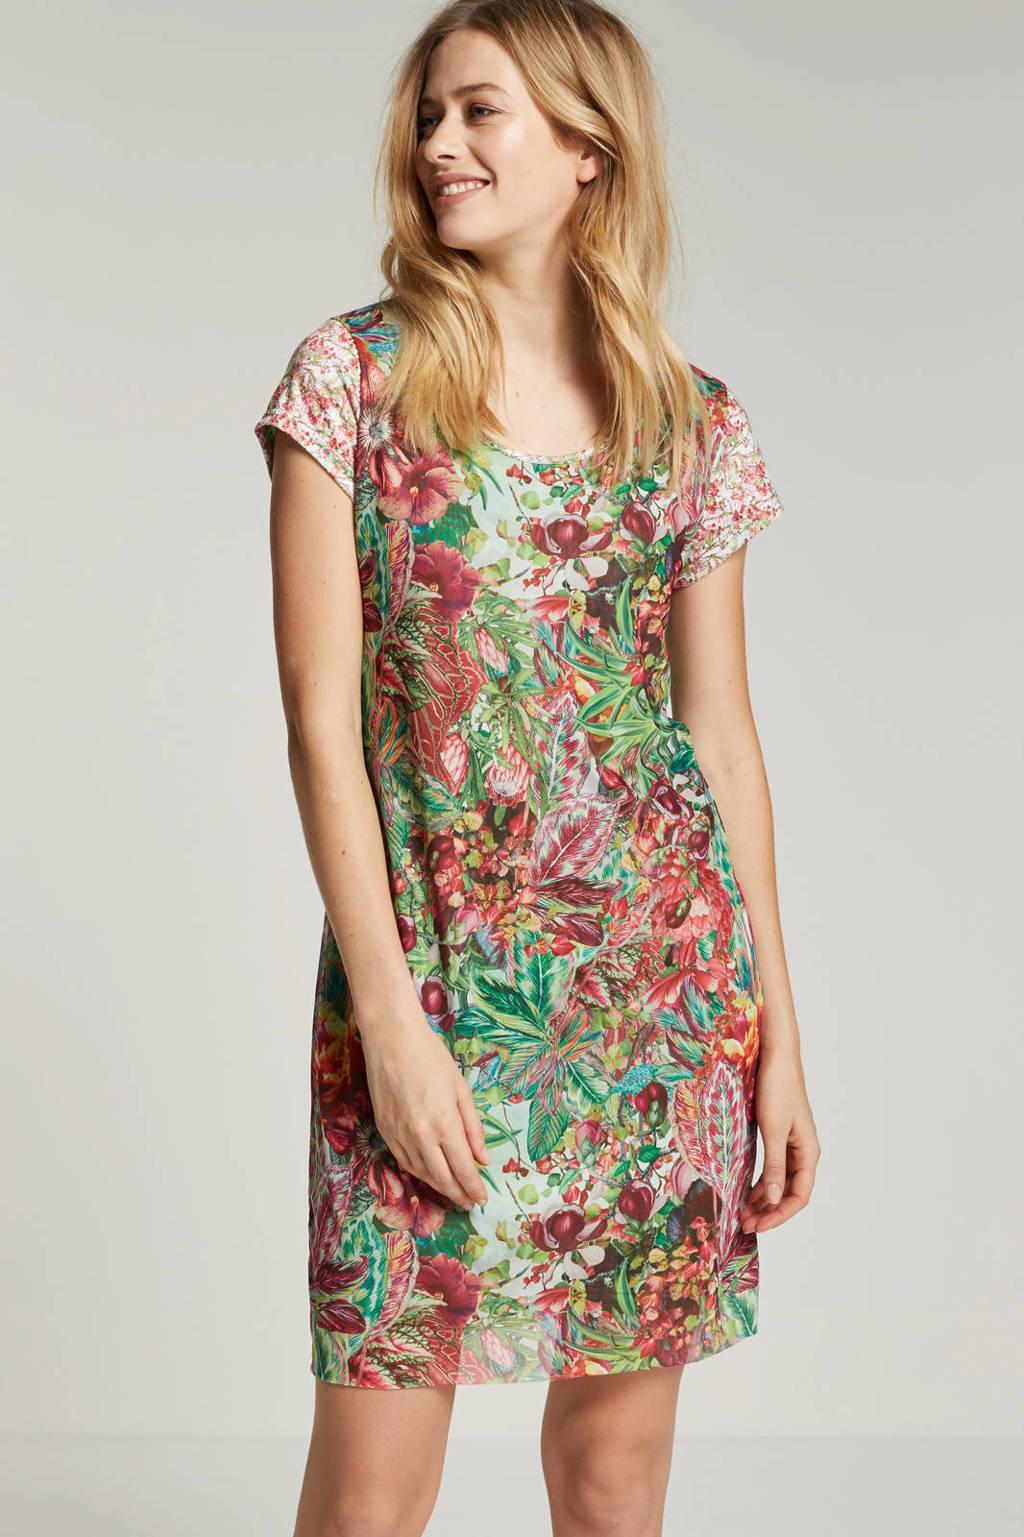 Smash Ofelia bloemen jurk, Groen/roze